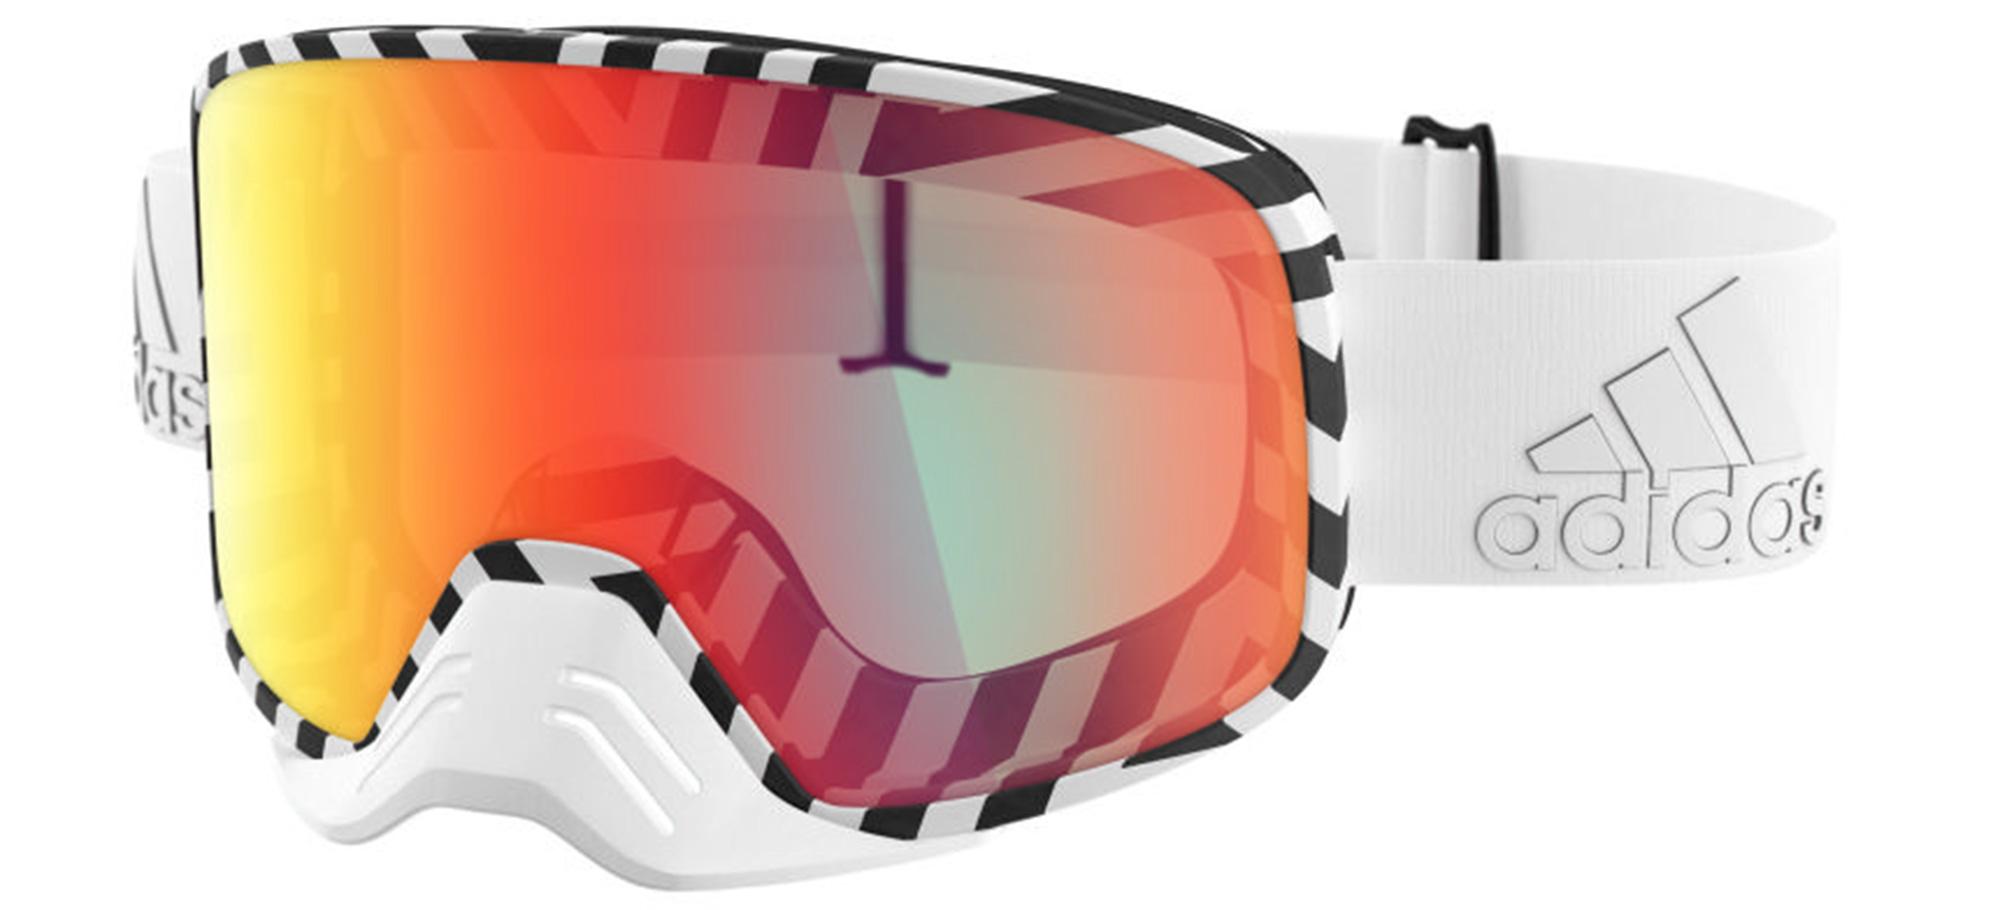 diseños atractivos estilo atractivo Precio reducido Adidas Backland Dirt Ad84 unisex Goggles online sale